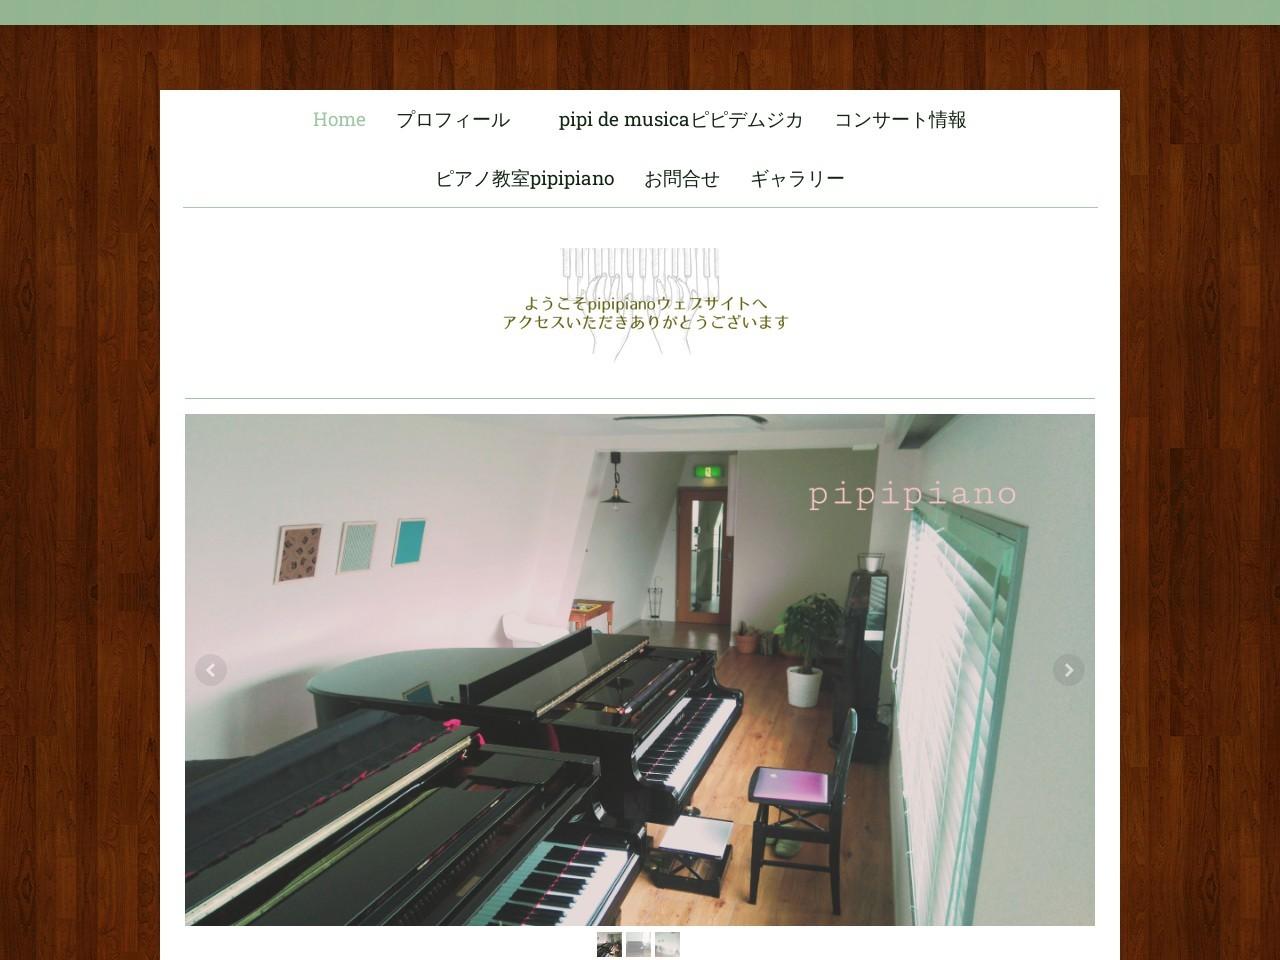 金平夏花&ピアノ教室pipipianoのサムネイル